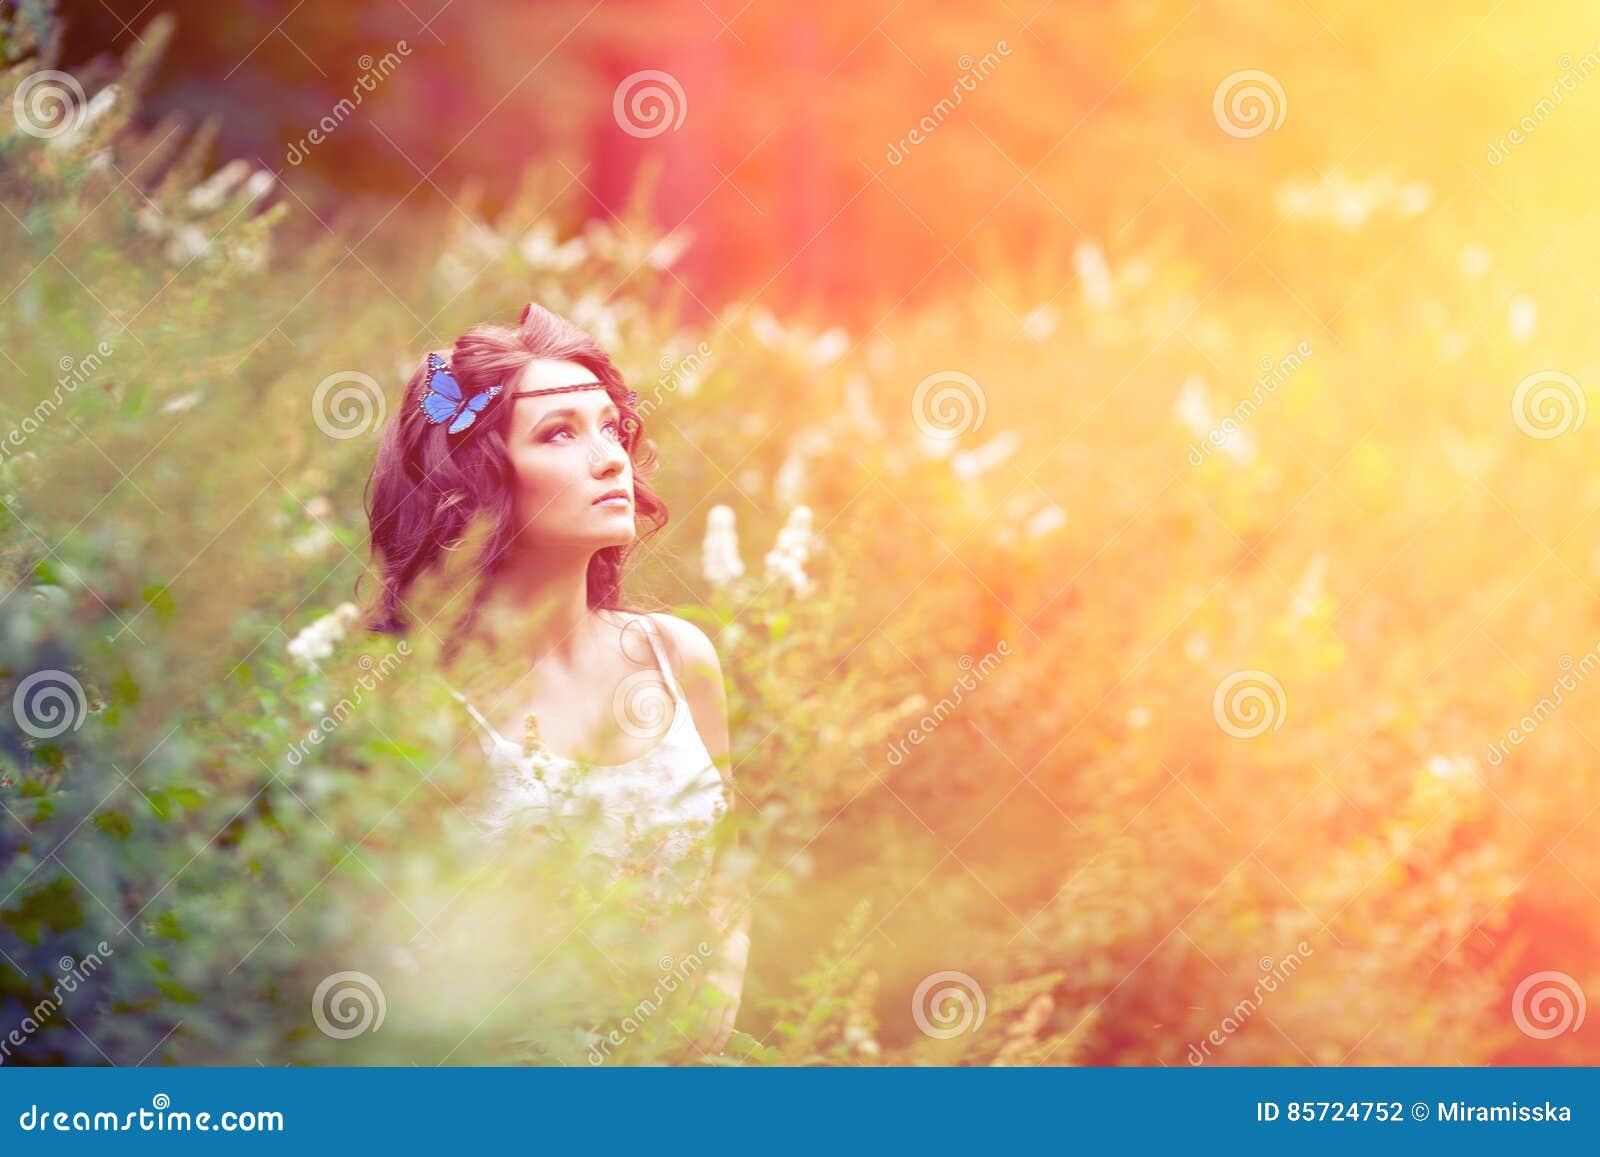 Na naturze piękna dziewczyna piękne dziewczyny na zewnątrz young Cieszy się H